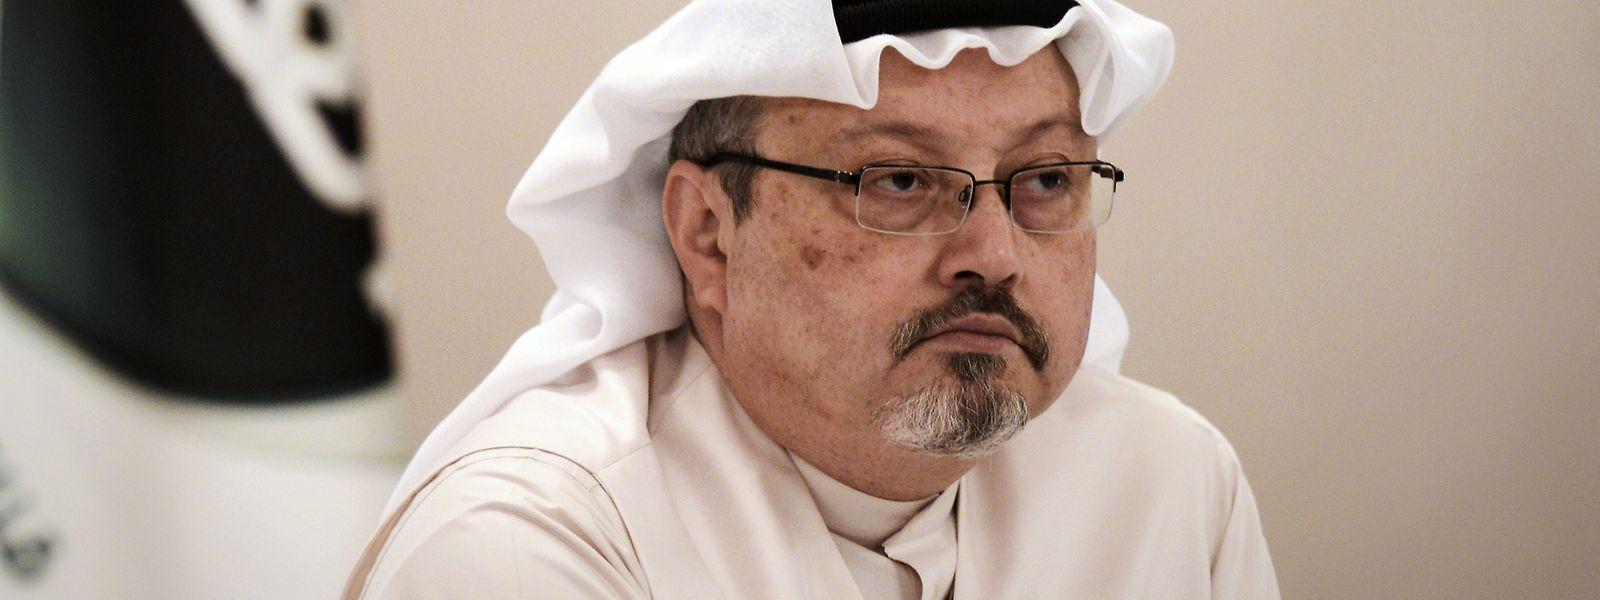 Khashoggi galt als kritischer Kommentator des saudischen Königshauses, was ihn letztlich das Leben kostete. Dabei hatte er dem Königshaus zeitweise durchaus nahe gestanden.